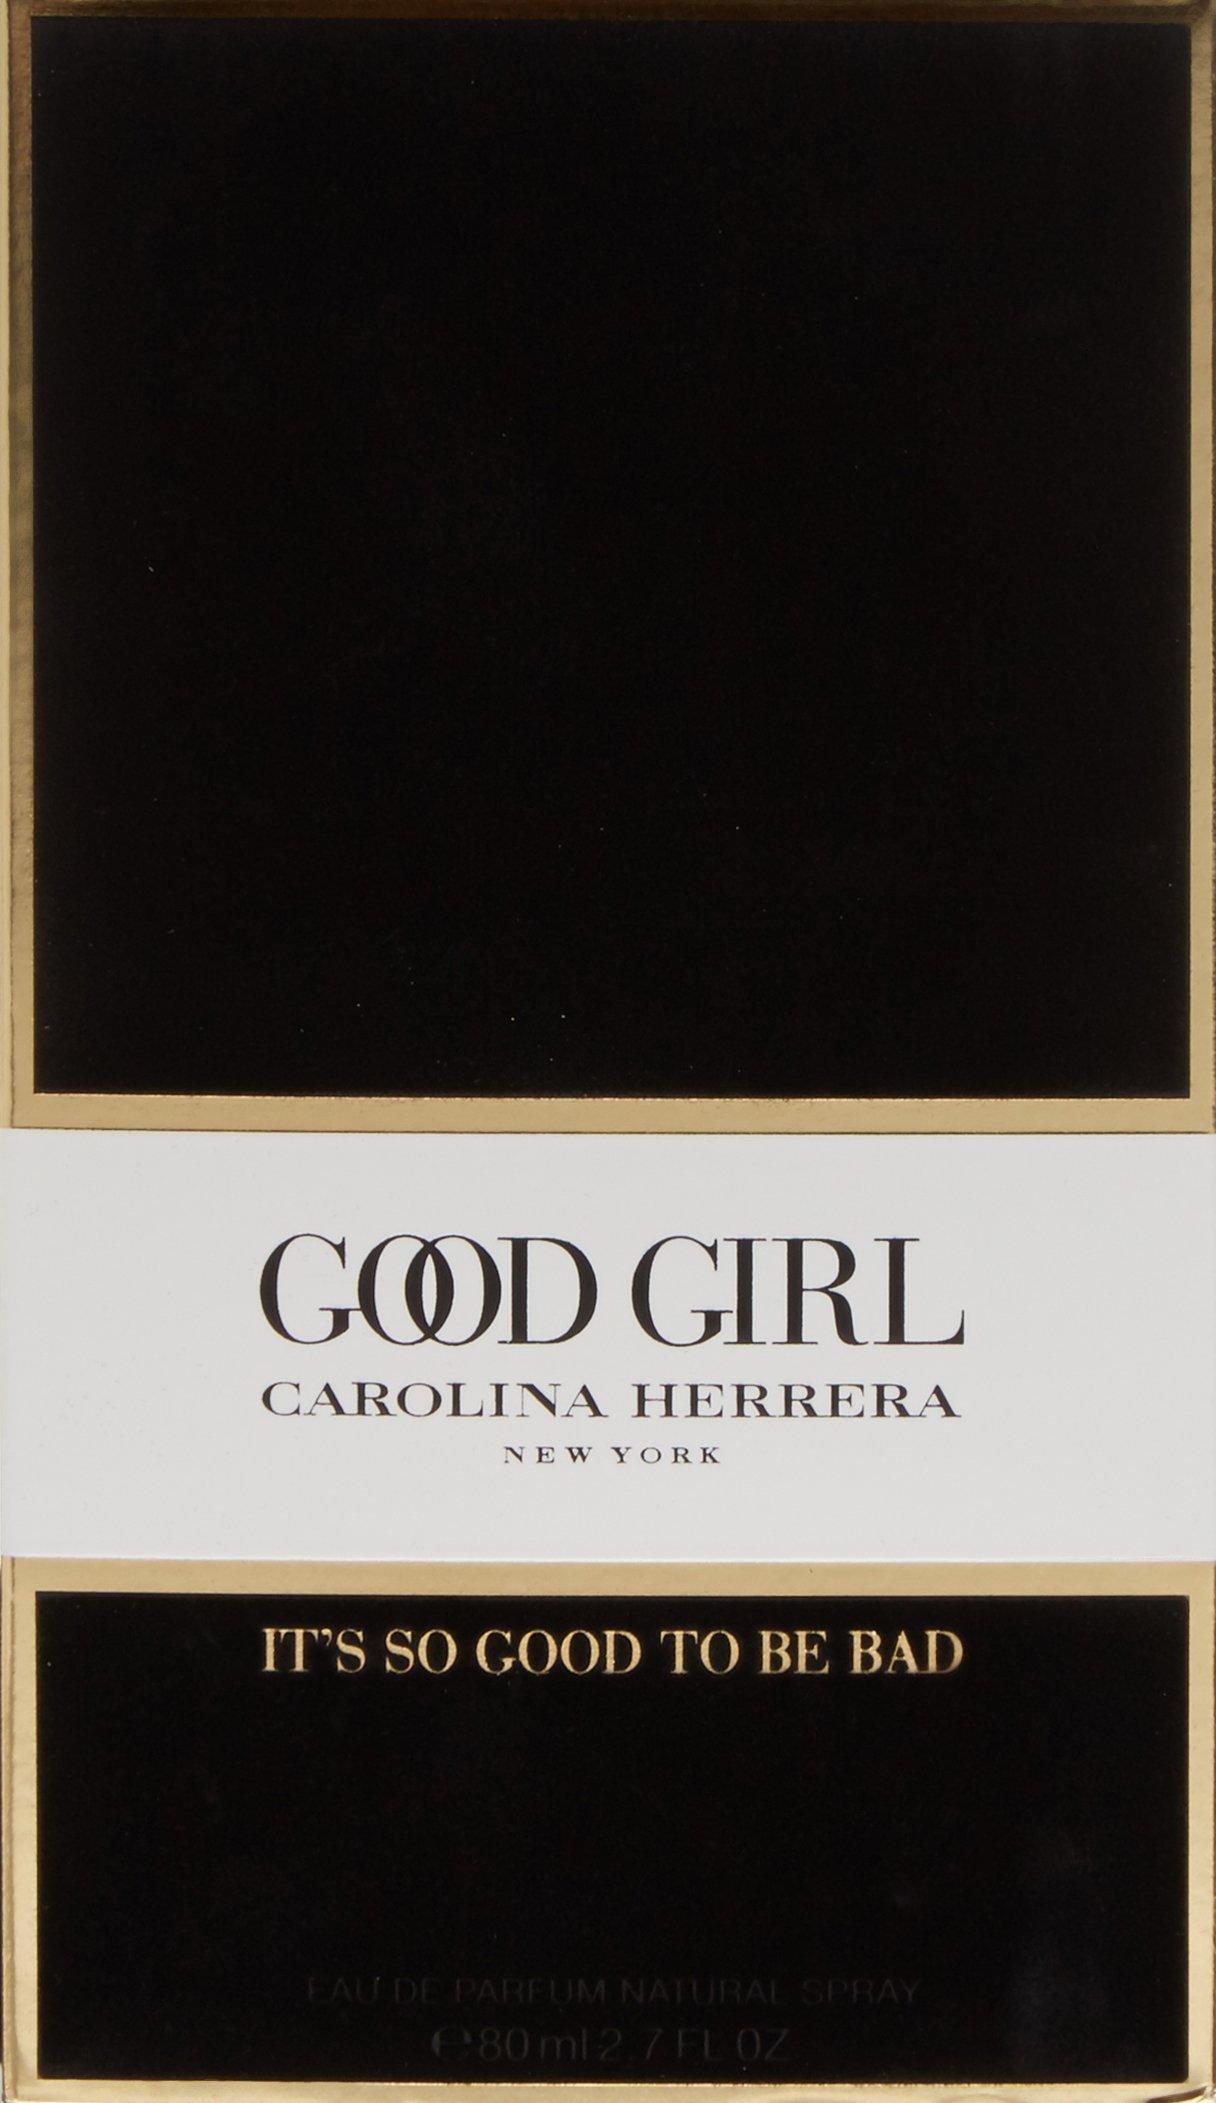 CAROLINA HERRERA Good Girl Eau de Perfume Spray, 2.7 Ounce by Carolina Herrera (Image #2)